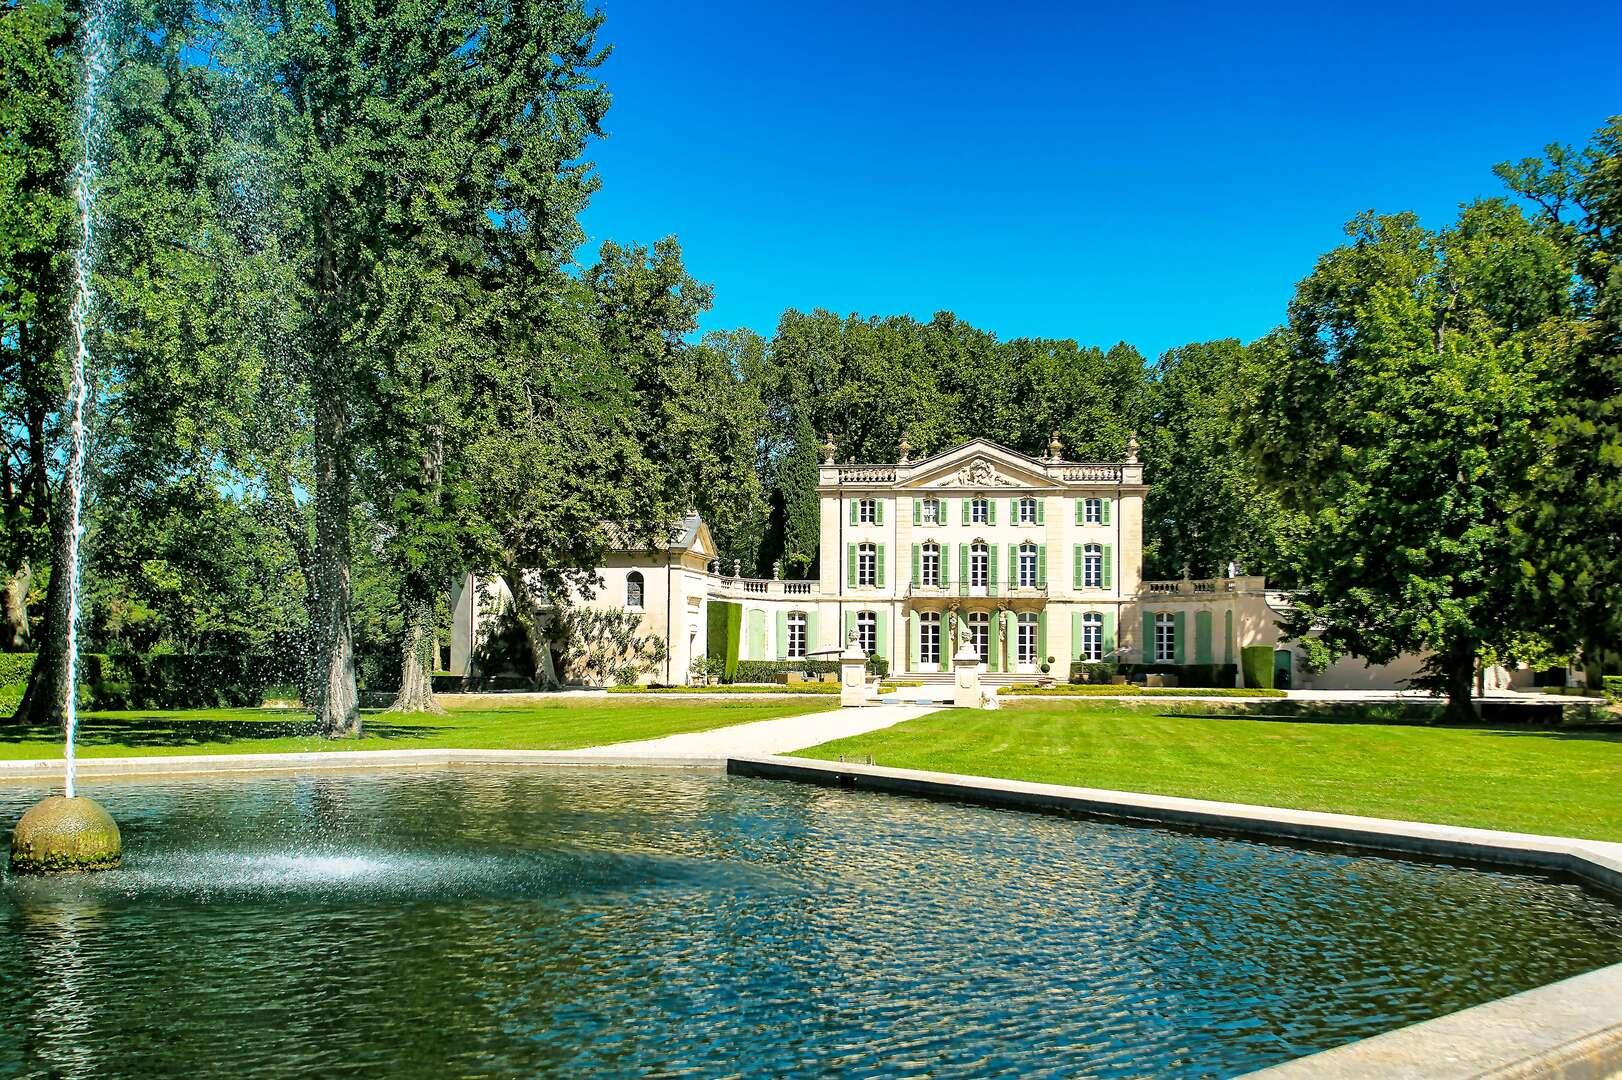 - Chateau Ventoux - Image 1/50